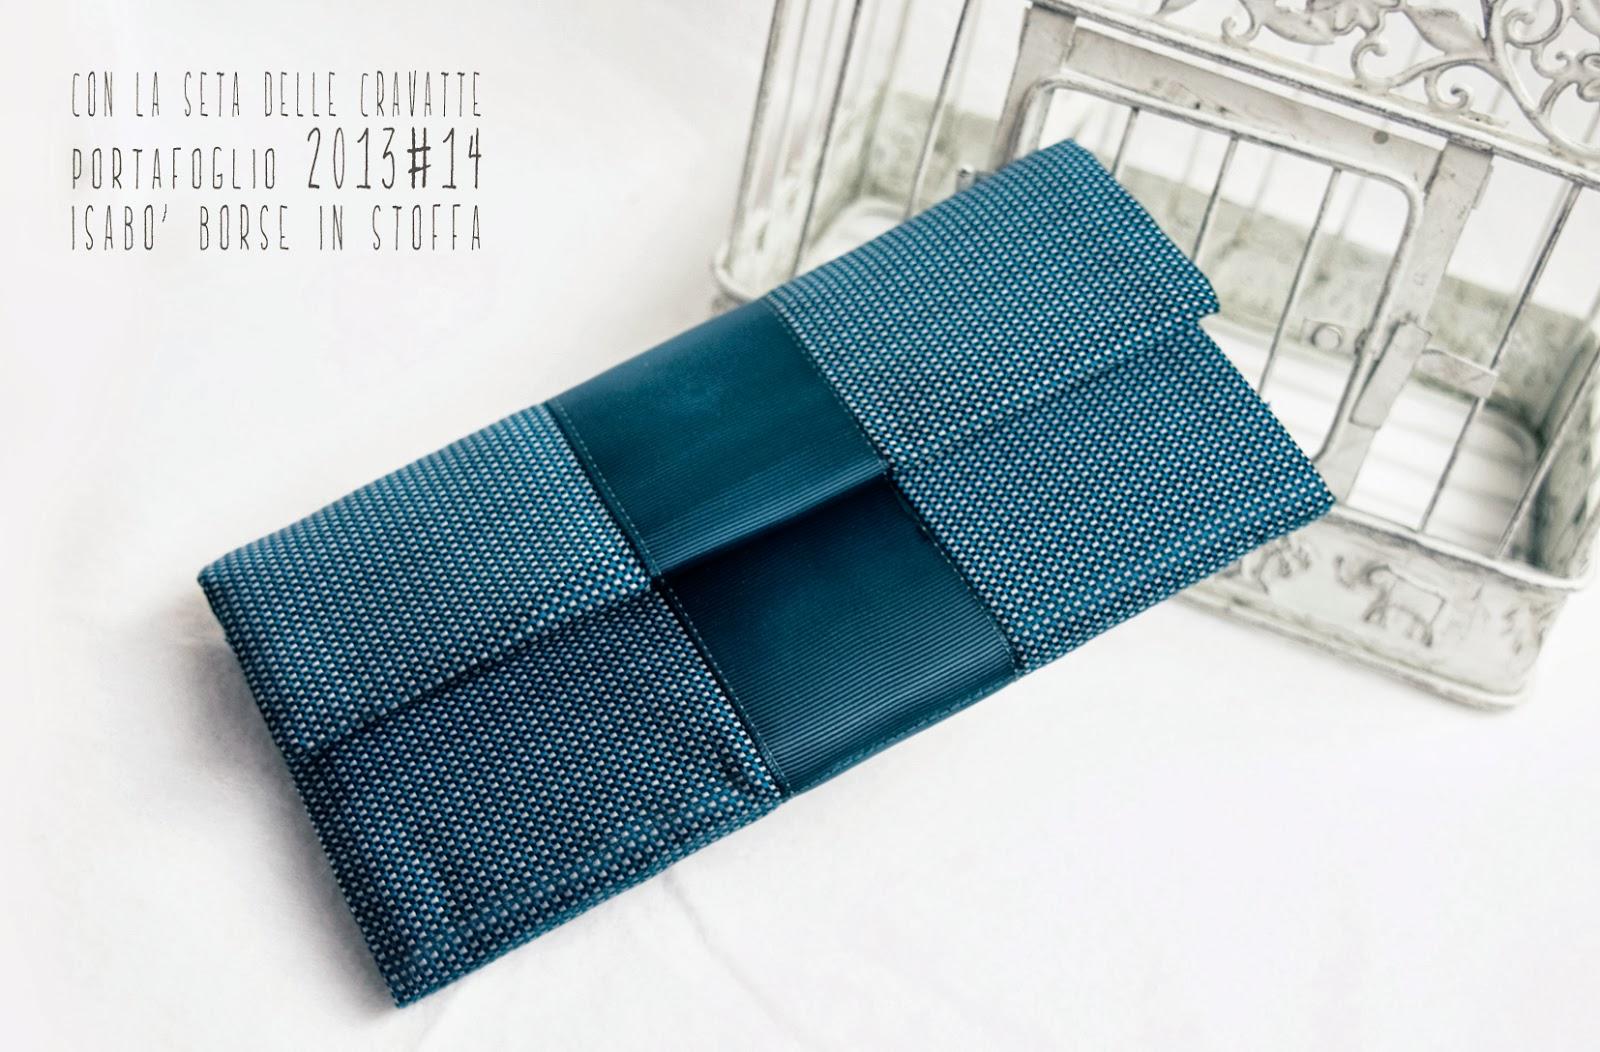 isabo u0026 39   con la seta delle cravatte 2013  collezione  3